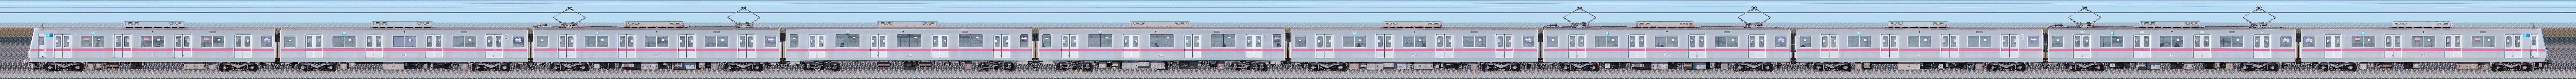 東京メトロ8000系8105編成(鷺沼検車区第05編成/海側)の編成サイドビュー